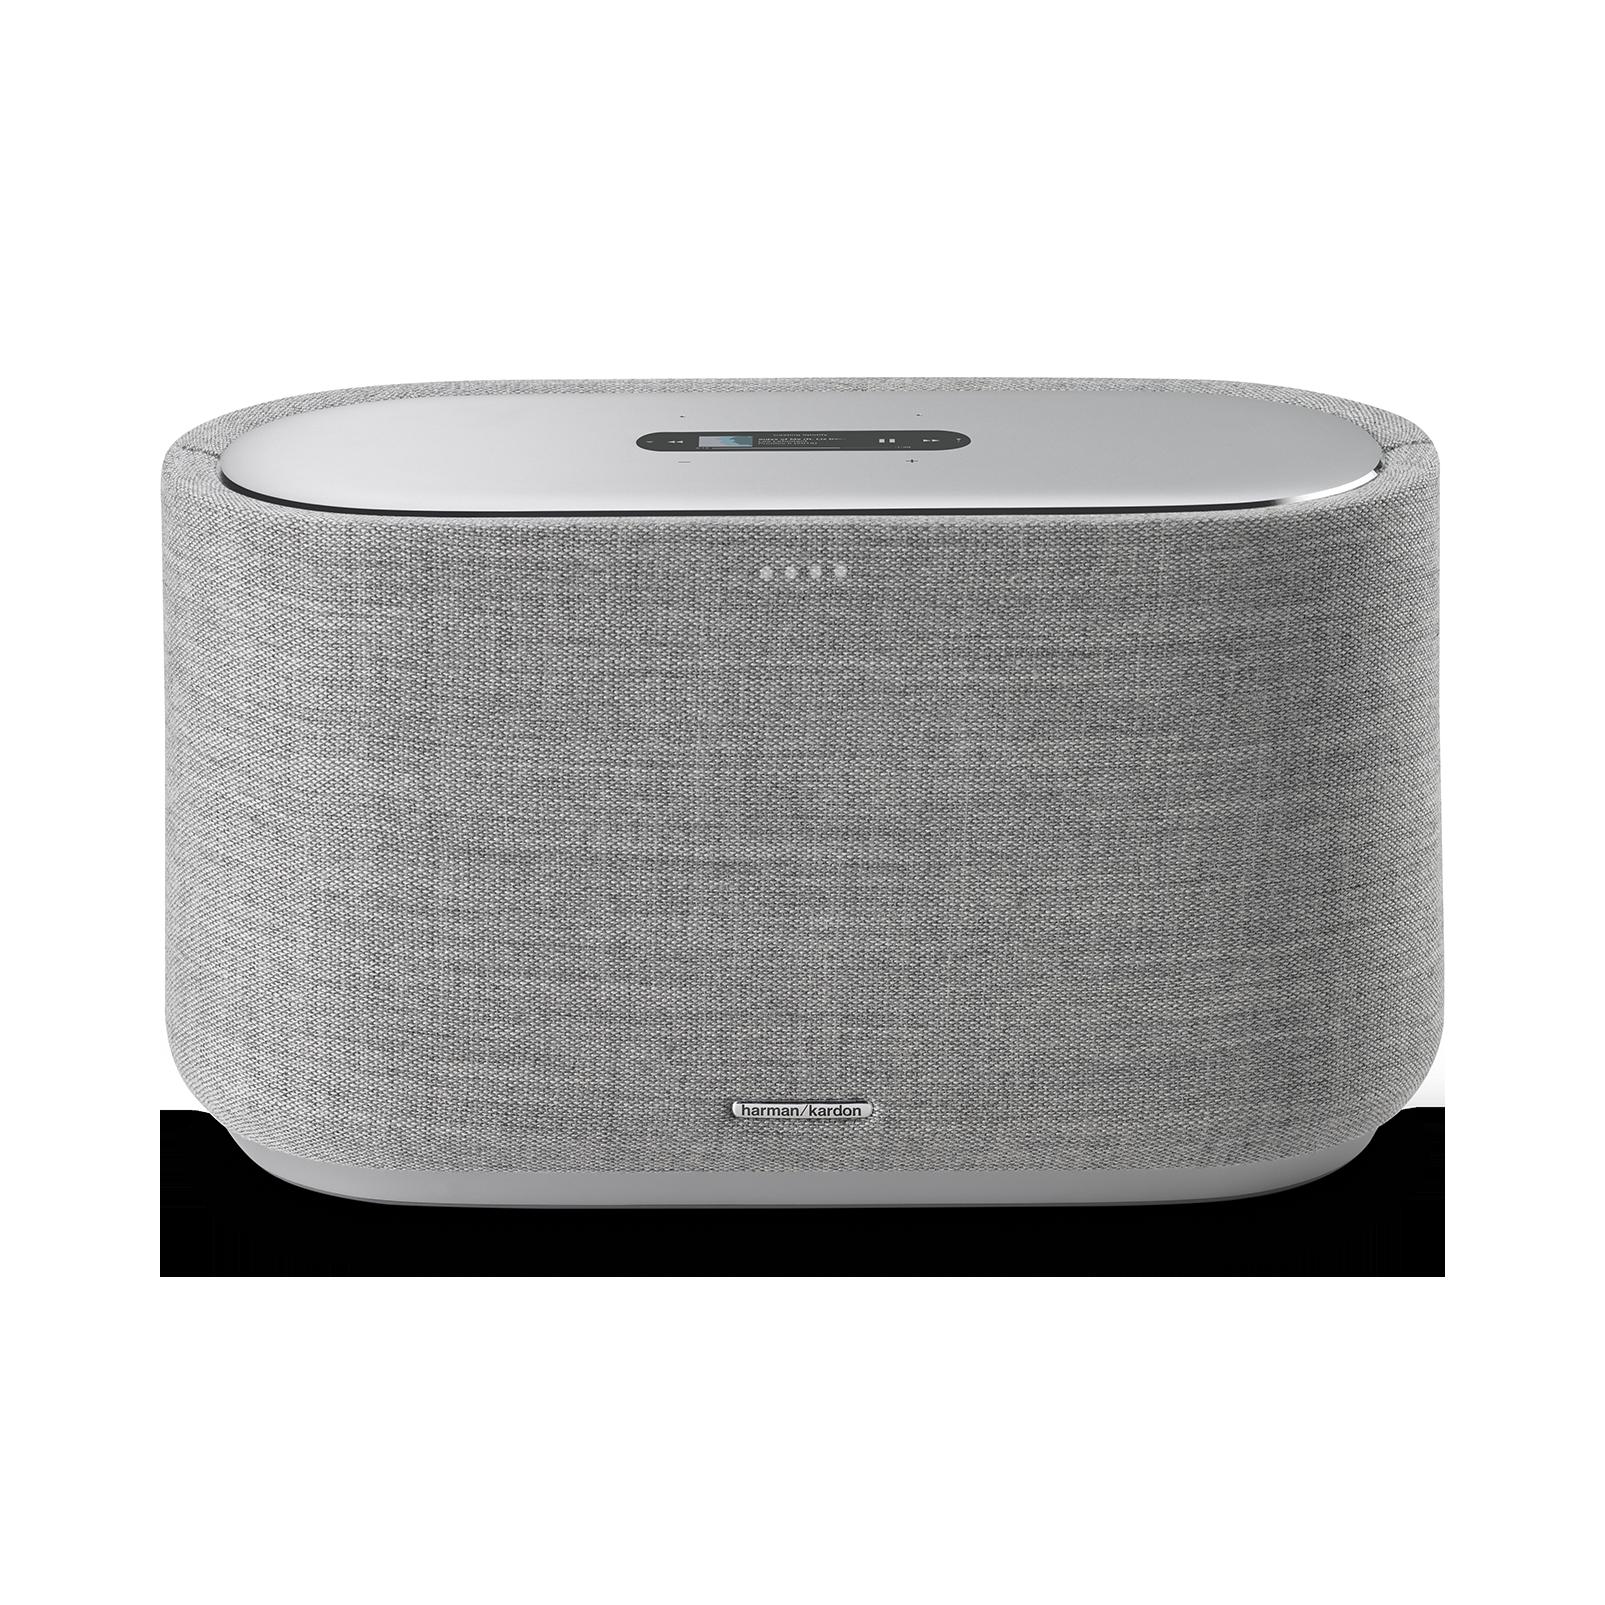 Harman Kardon Citation 500 - Grey - Large Tabletop Smart Home Loudspeaker System - Front